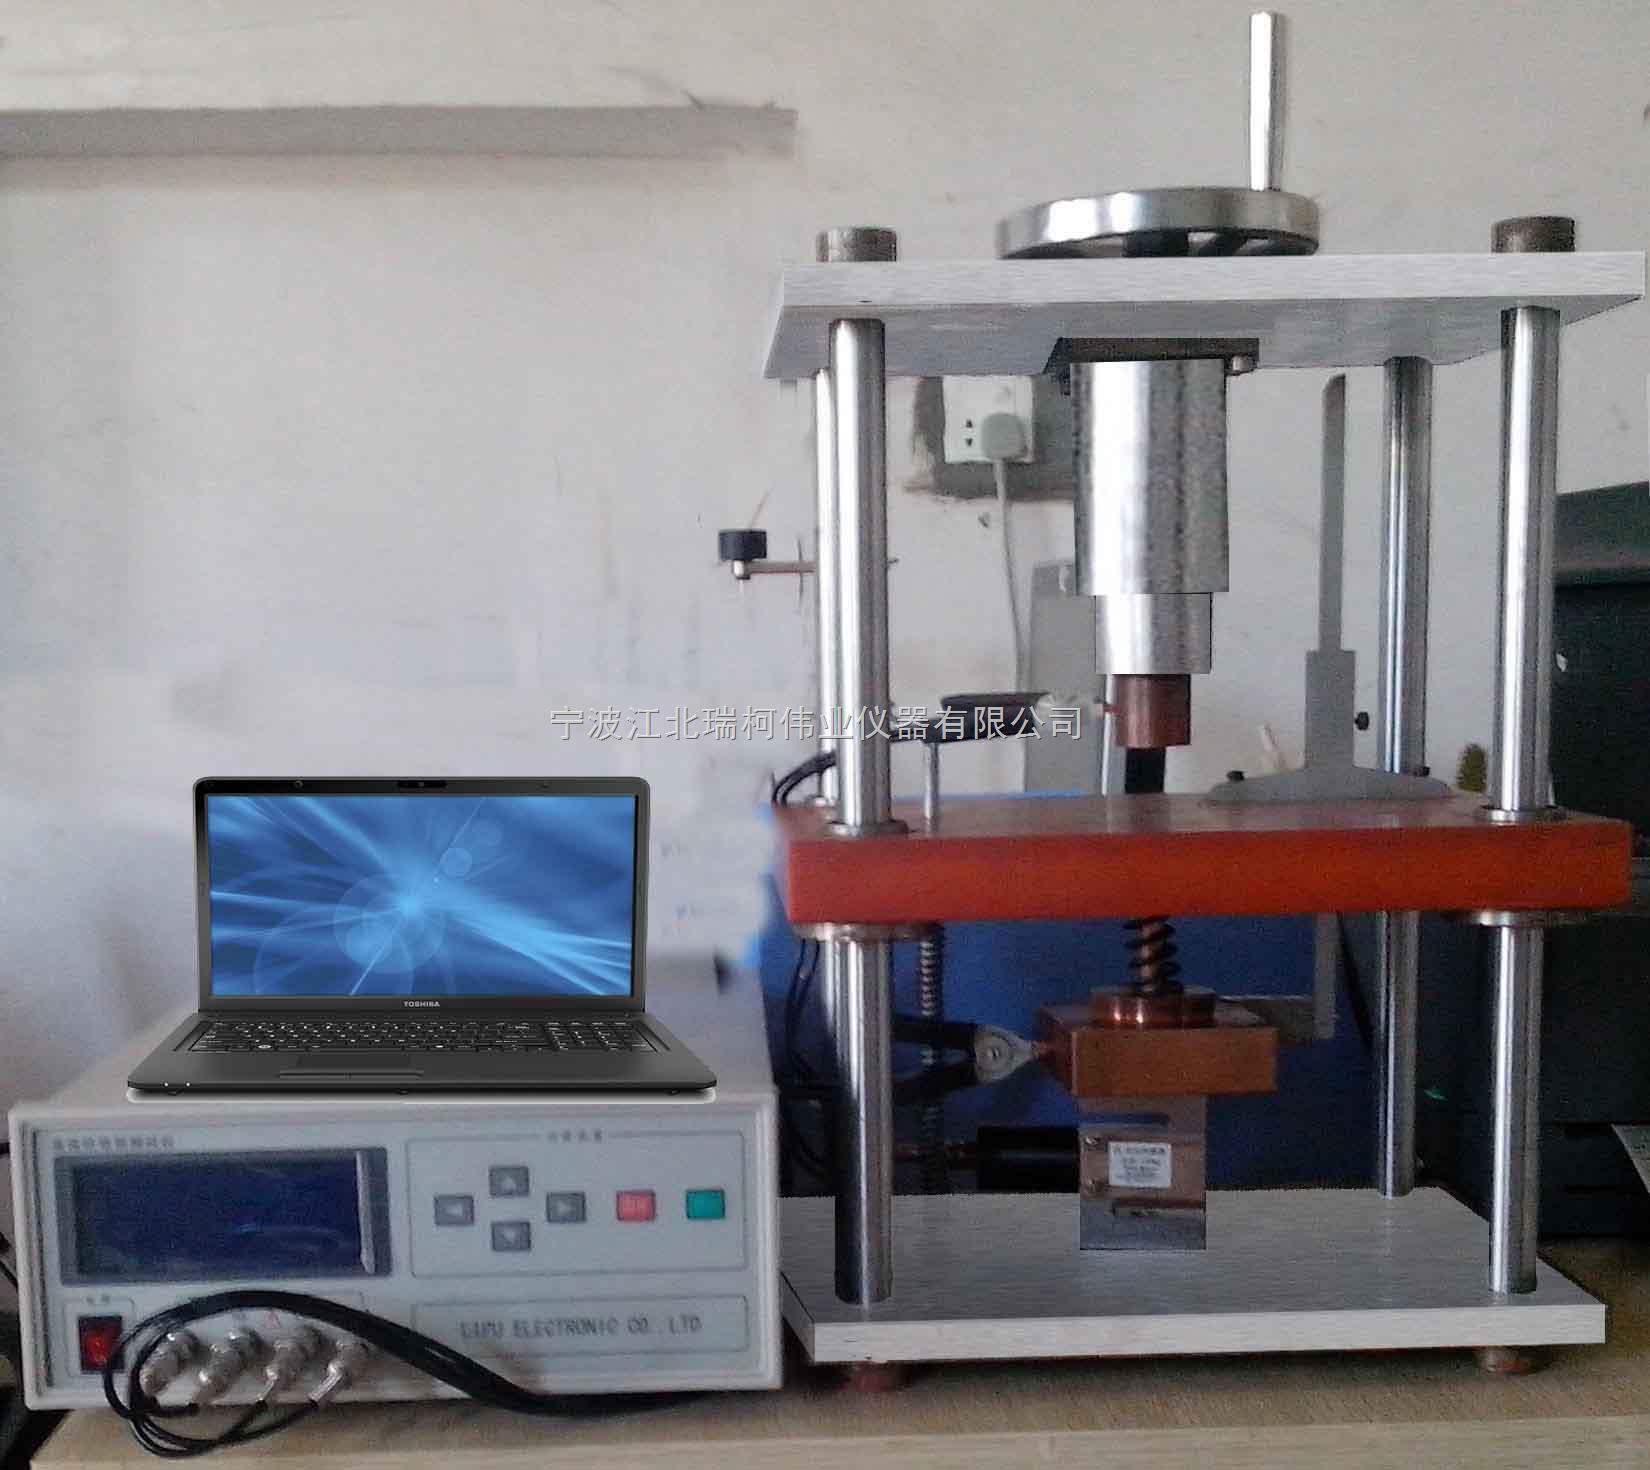 粉末电阻率测试仪_粉尘电阻率测试仪